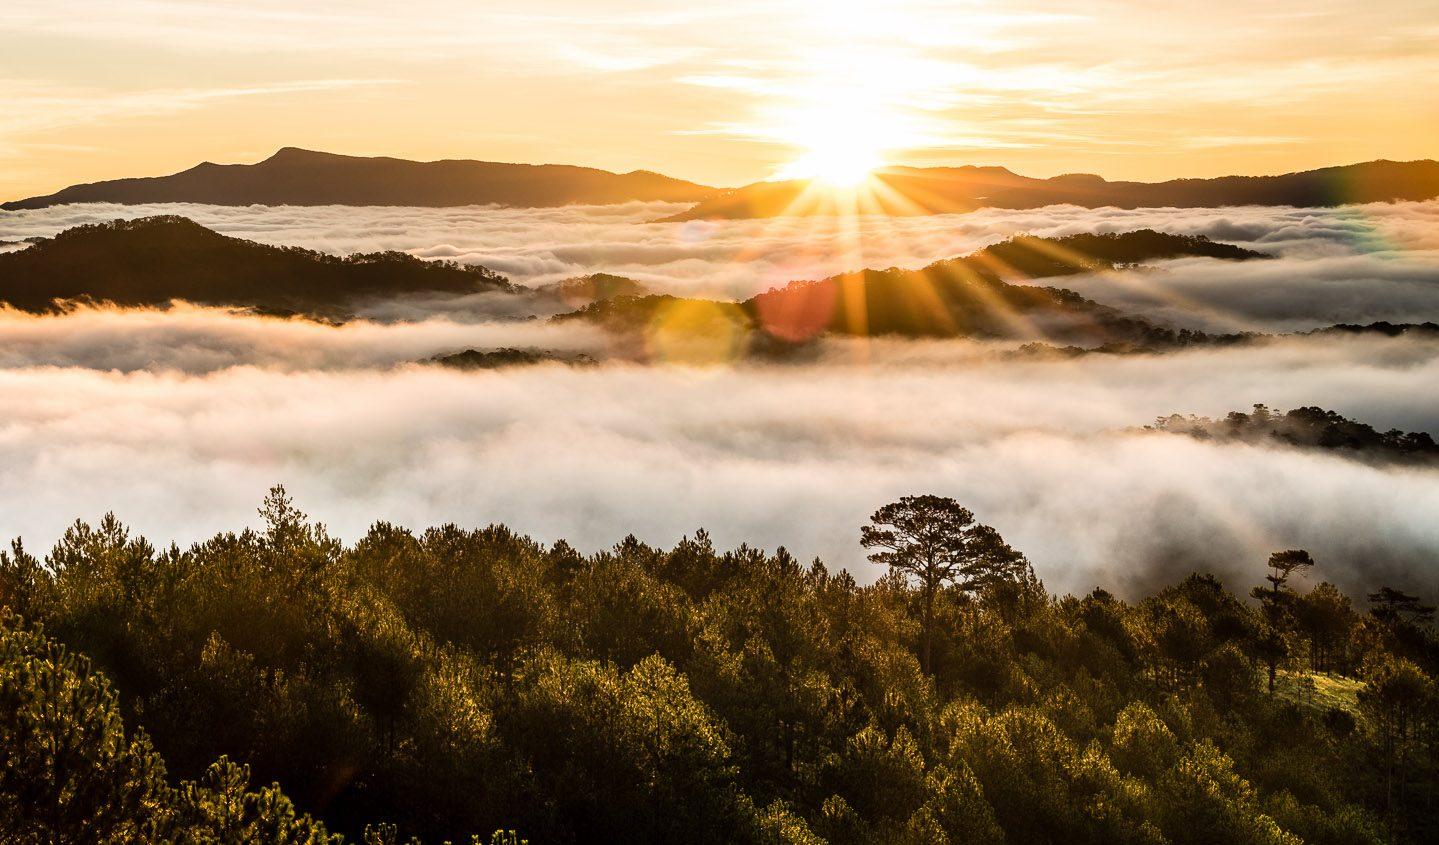 Hình ảnh nắng đẹp trên rặng núi mây mù